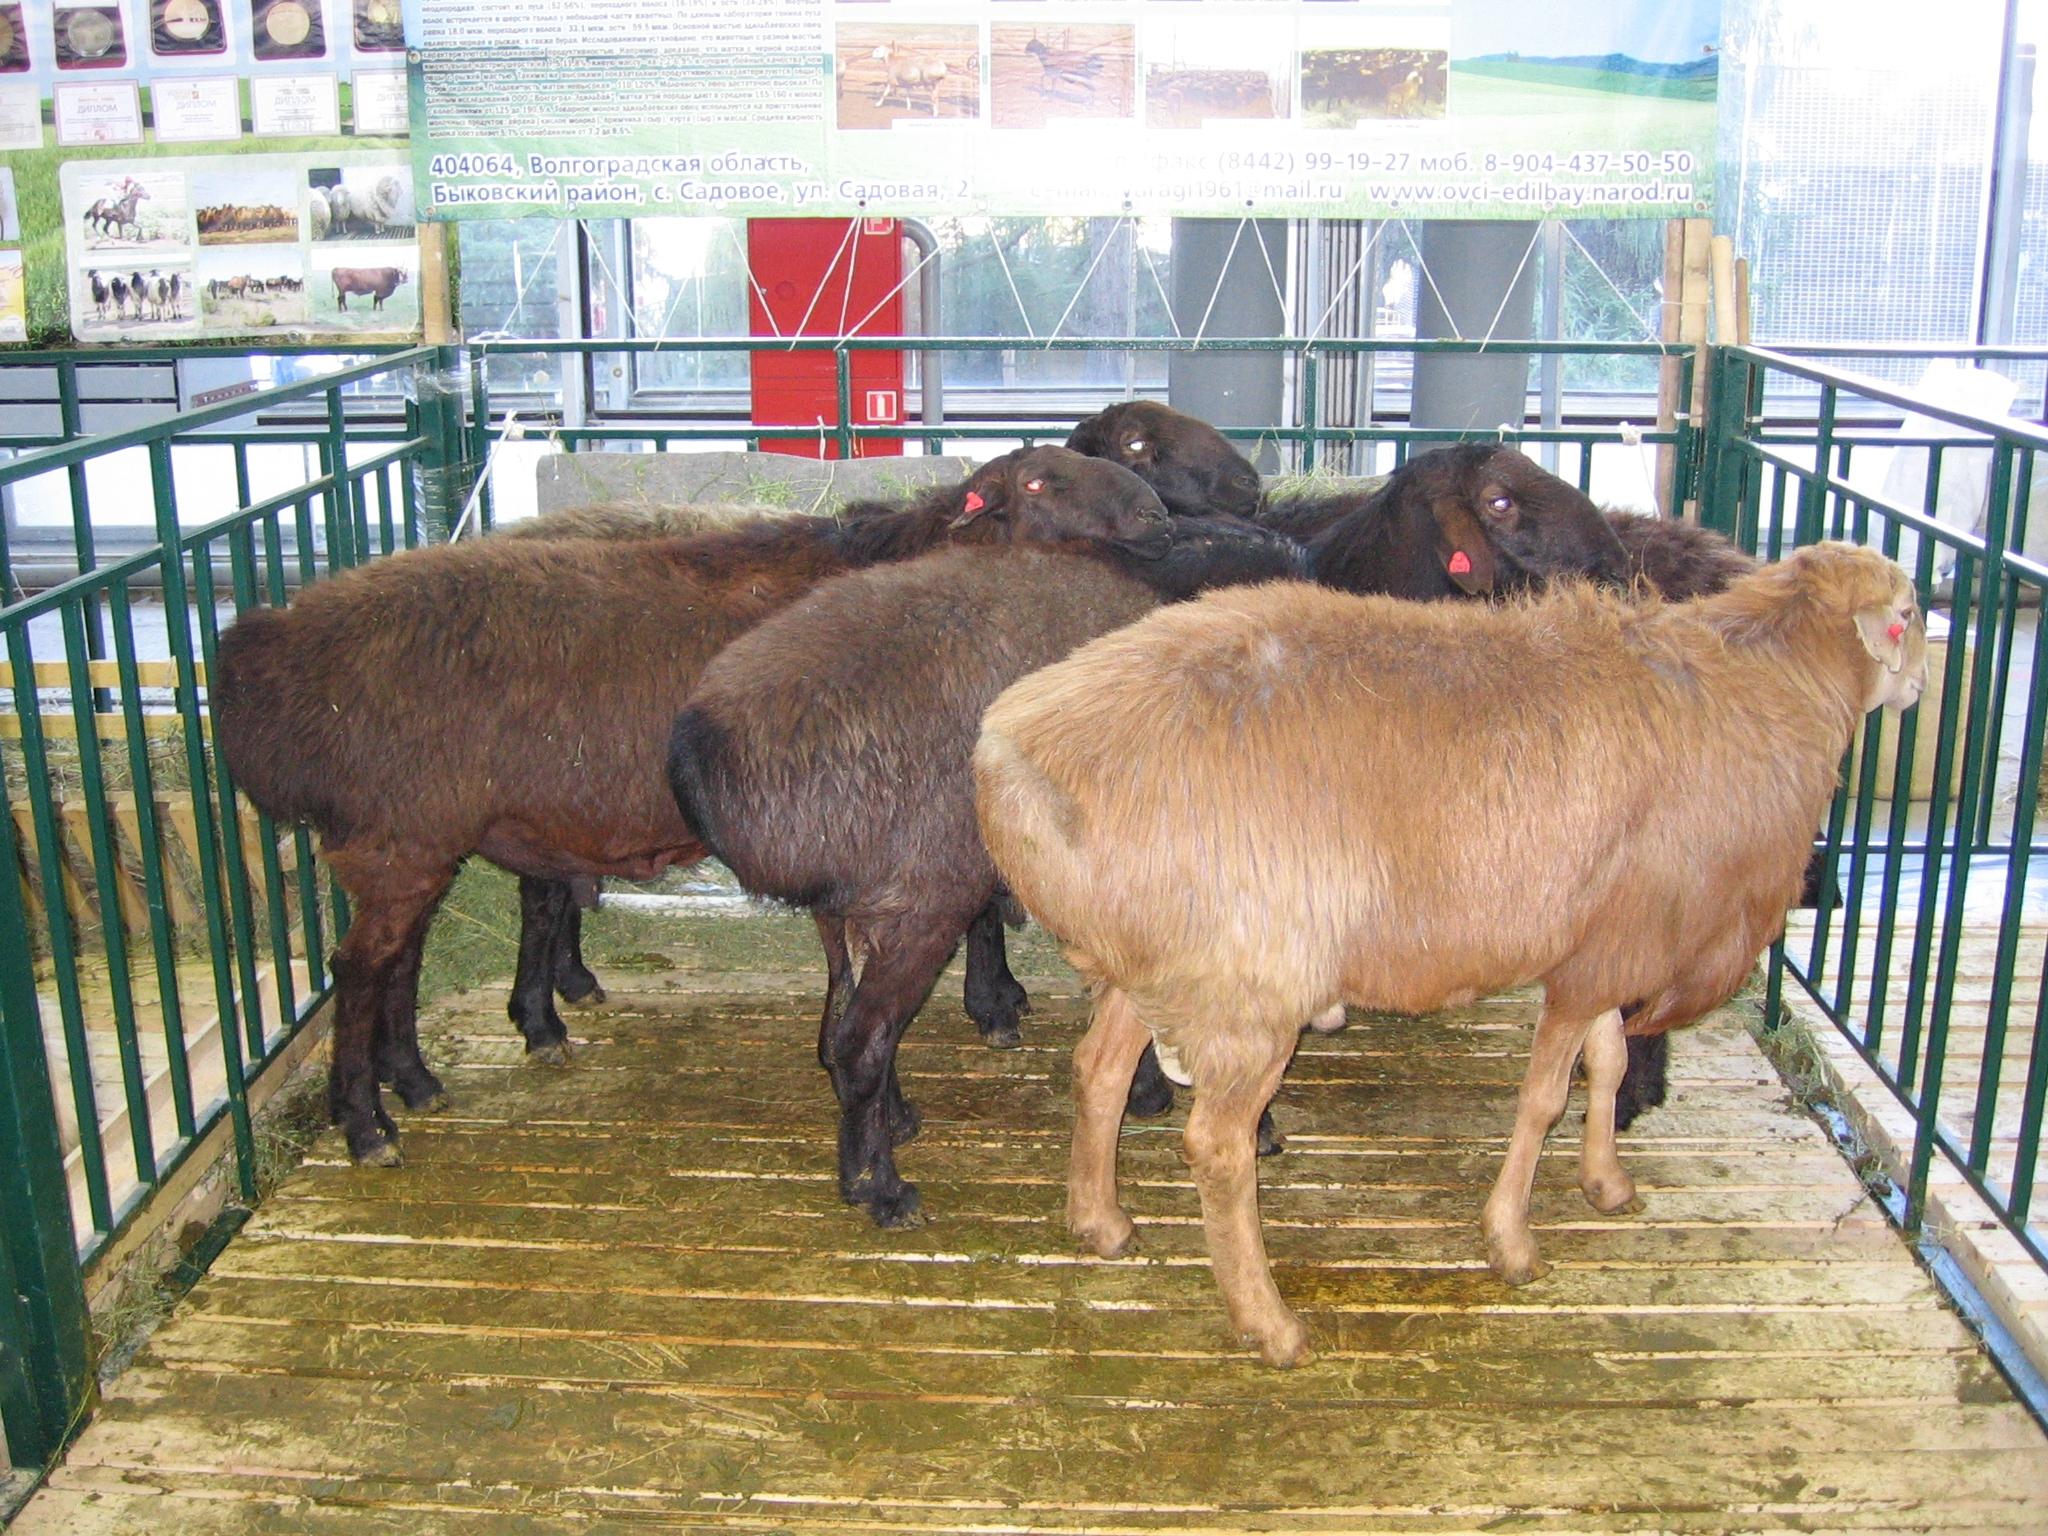 Опыт работы ооо «волгоград-эдильбай» по разведению эдильбаевской породы овец | fermer.ru - фермер.ру - главный фермерский портал - все о бизнесе в сельском хозяйстве. форум фермеров.